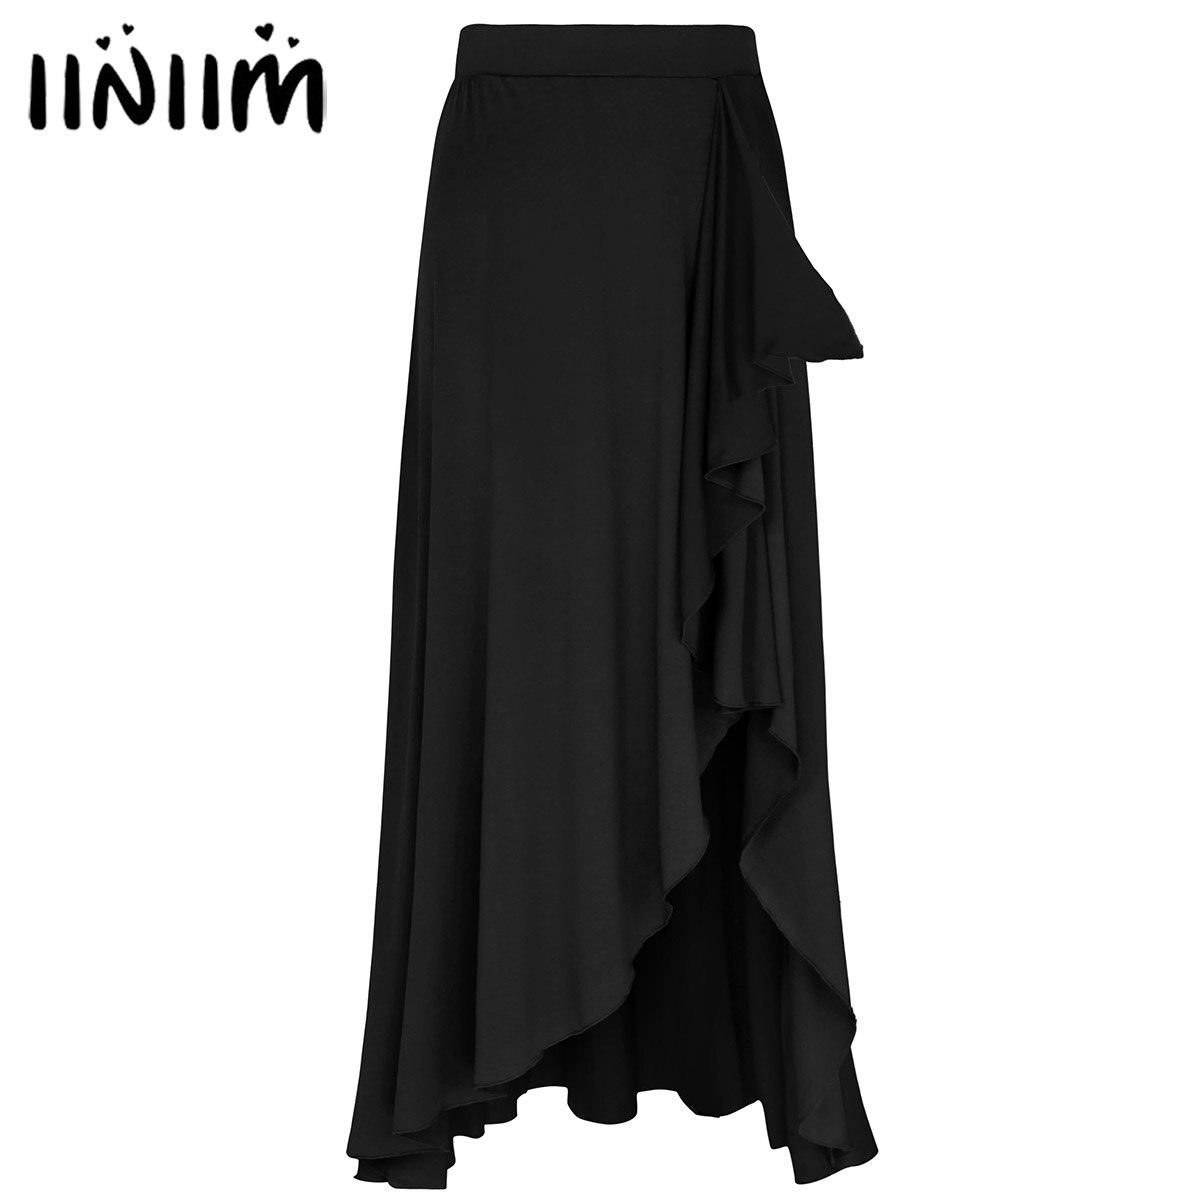 iiniim-womens-formal-dancing-competition-asymmetric-elastic-waist-font-b-ballet-b-font-dance-gymnastics-skirt-adult-costumes-dance-class-skirt